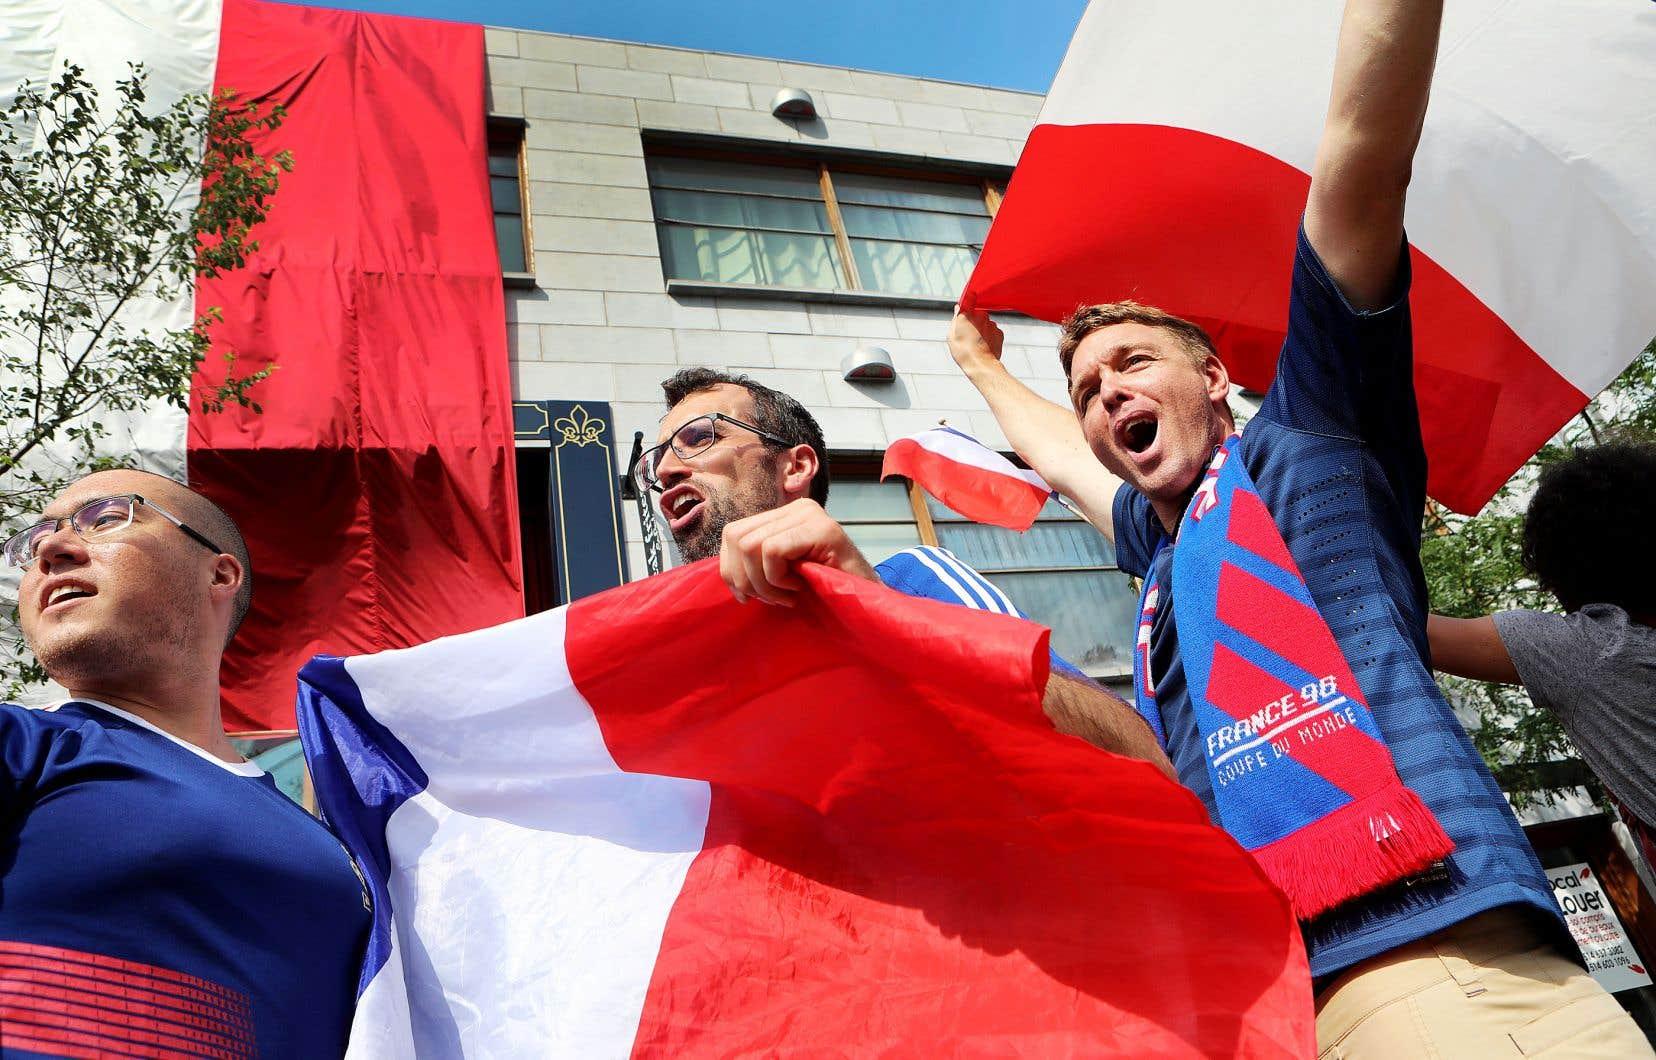 Des partisans des Bleus célébraient la victoire de leur équipe contre la Belgique mardi dernier, dans un pub de la rue Saint-Denis, à Montréal.